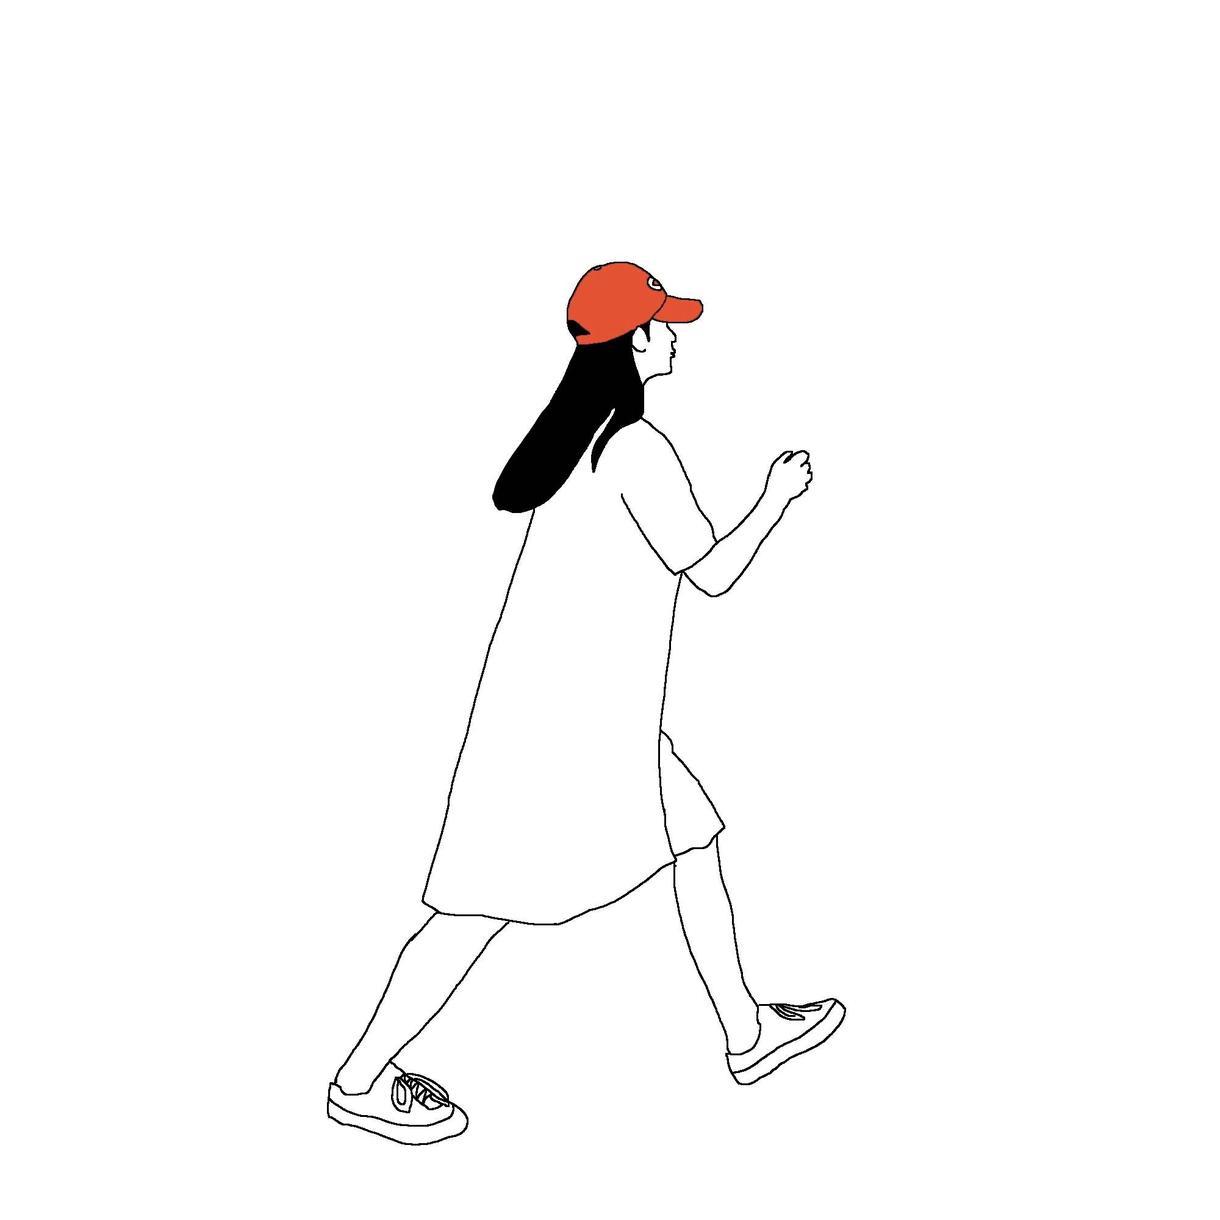 イラストを描きます ビビビッと、手を止めるデザインを。